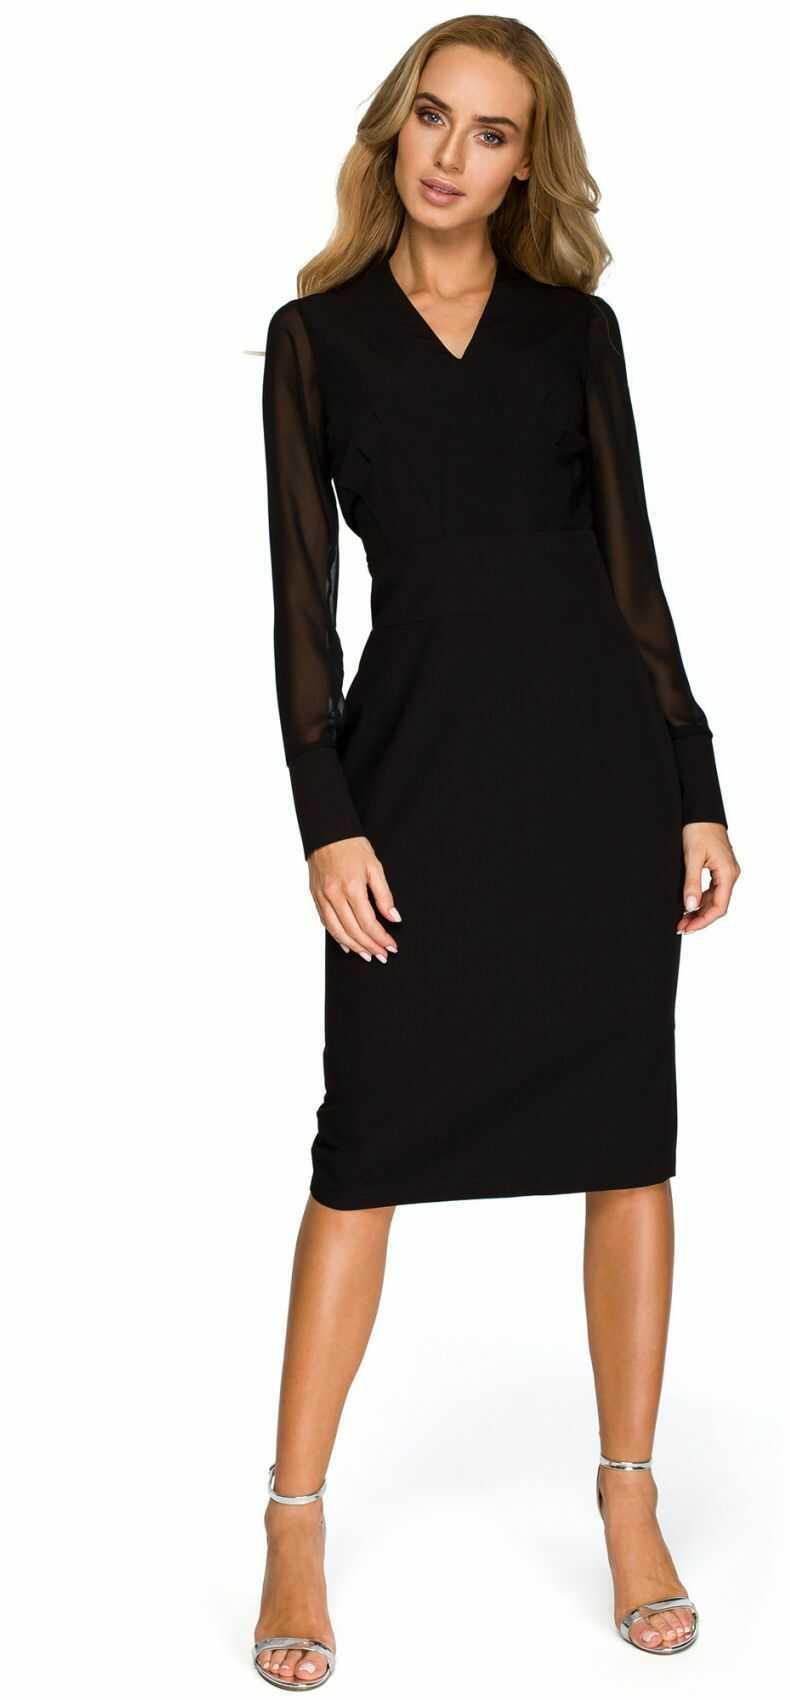 S136 Sukienka ołówkowa - mała czarna